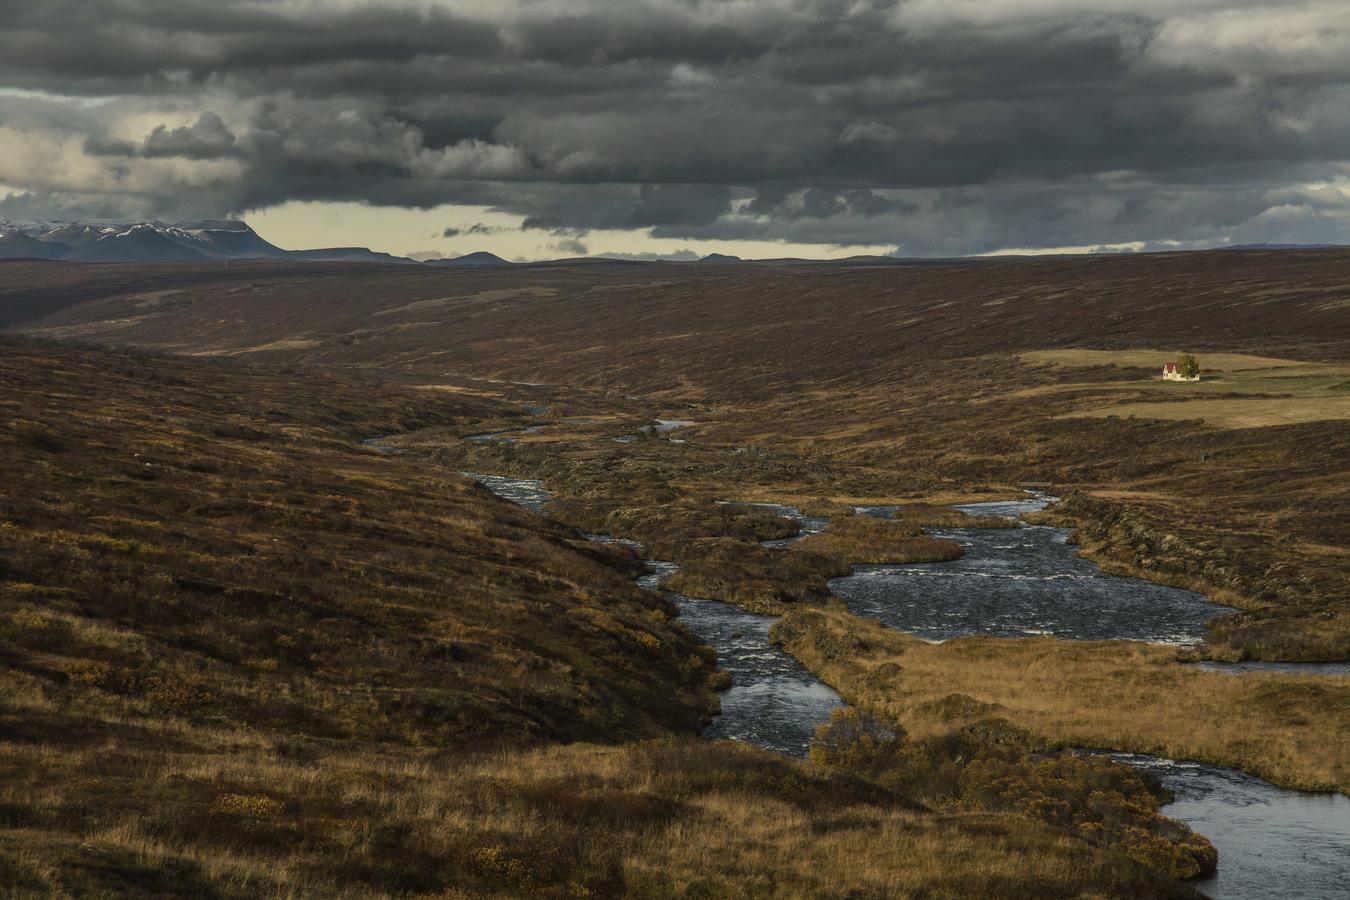 Islandské pláňe pod temnější pokličkou